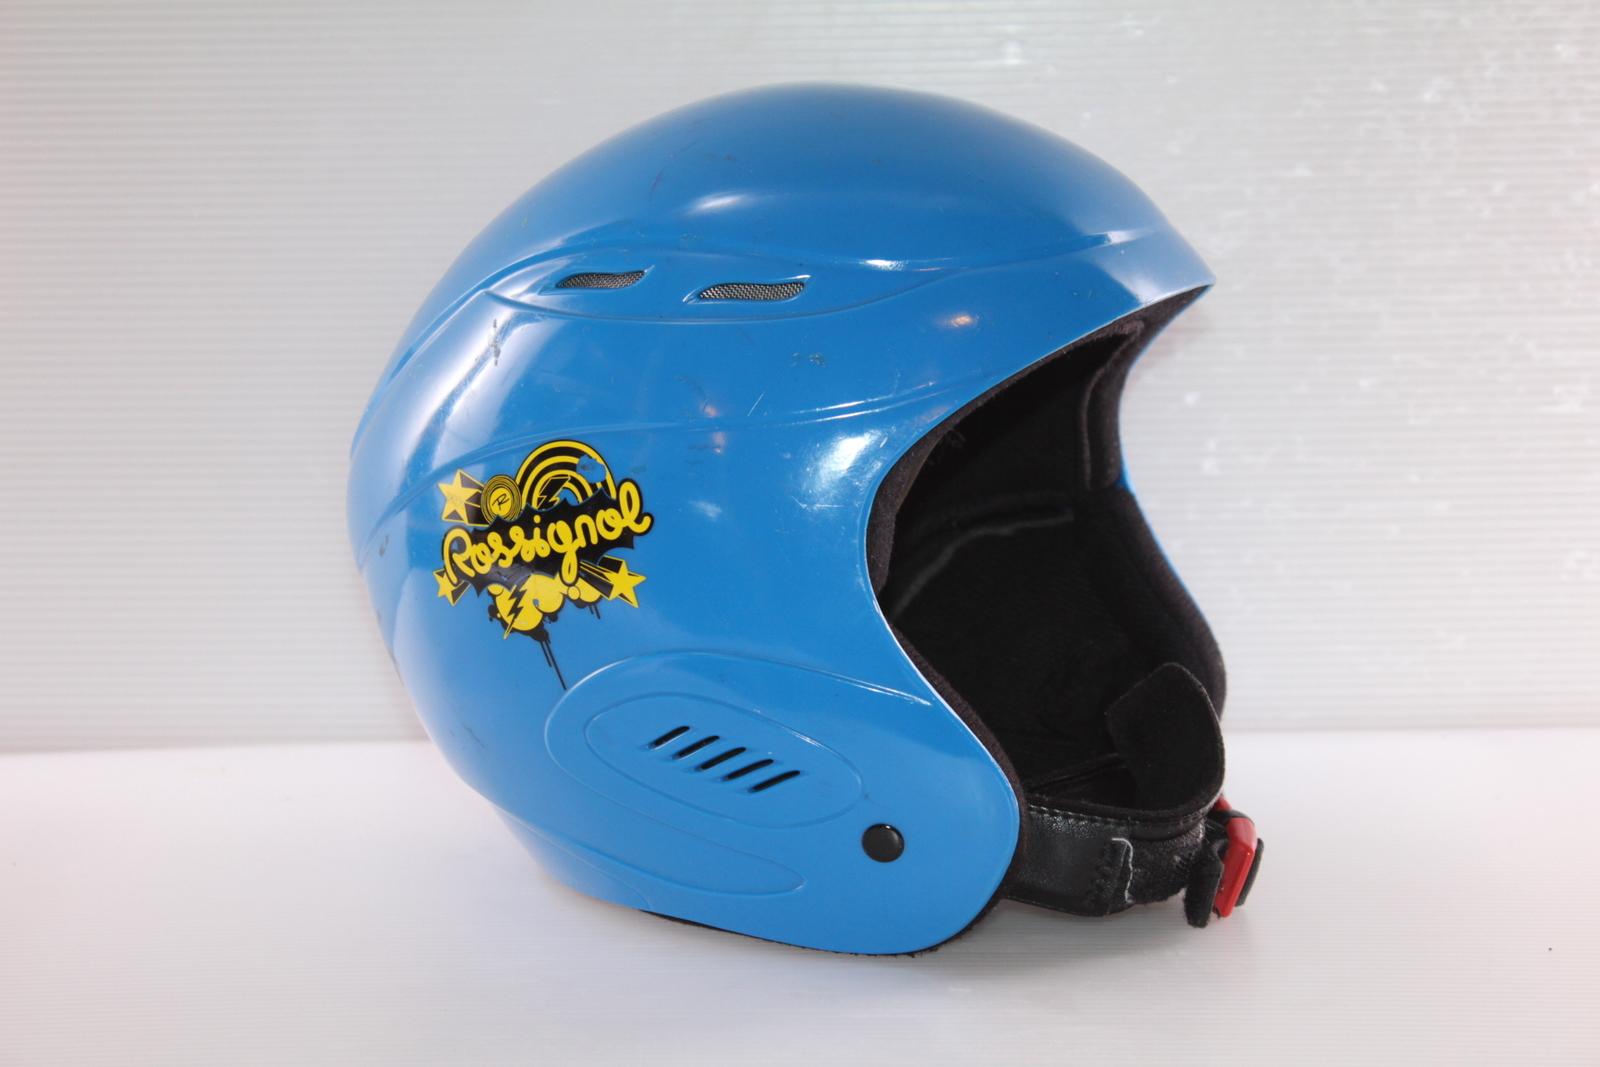 Dětská lyžařská helma Rossignol  vel. 48